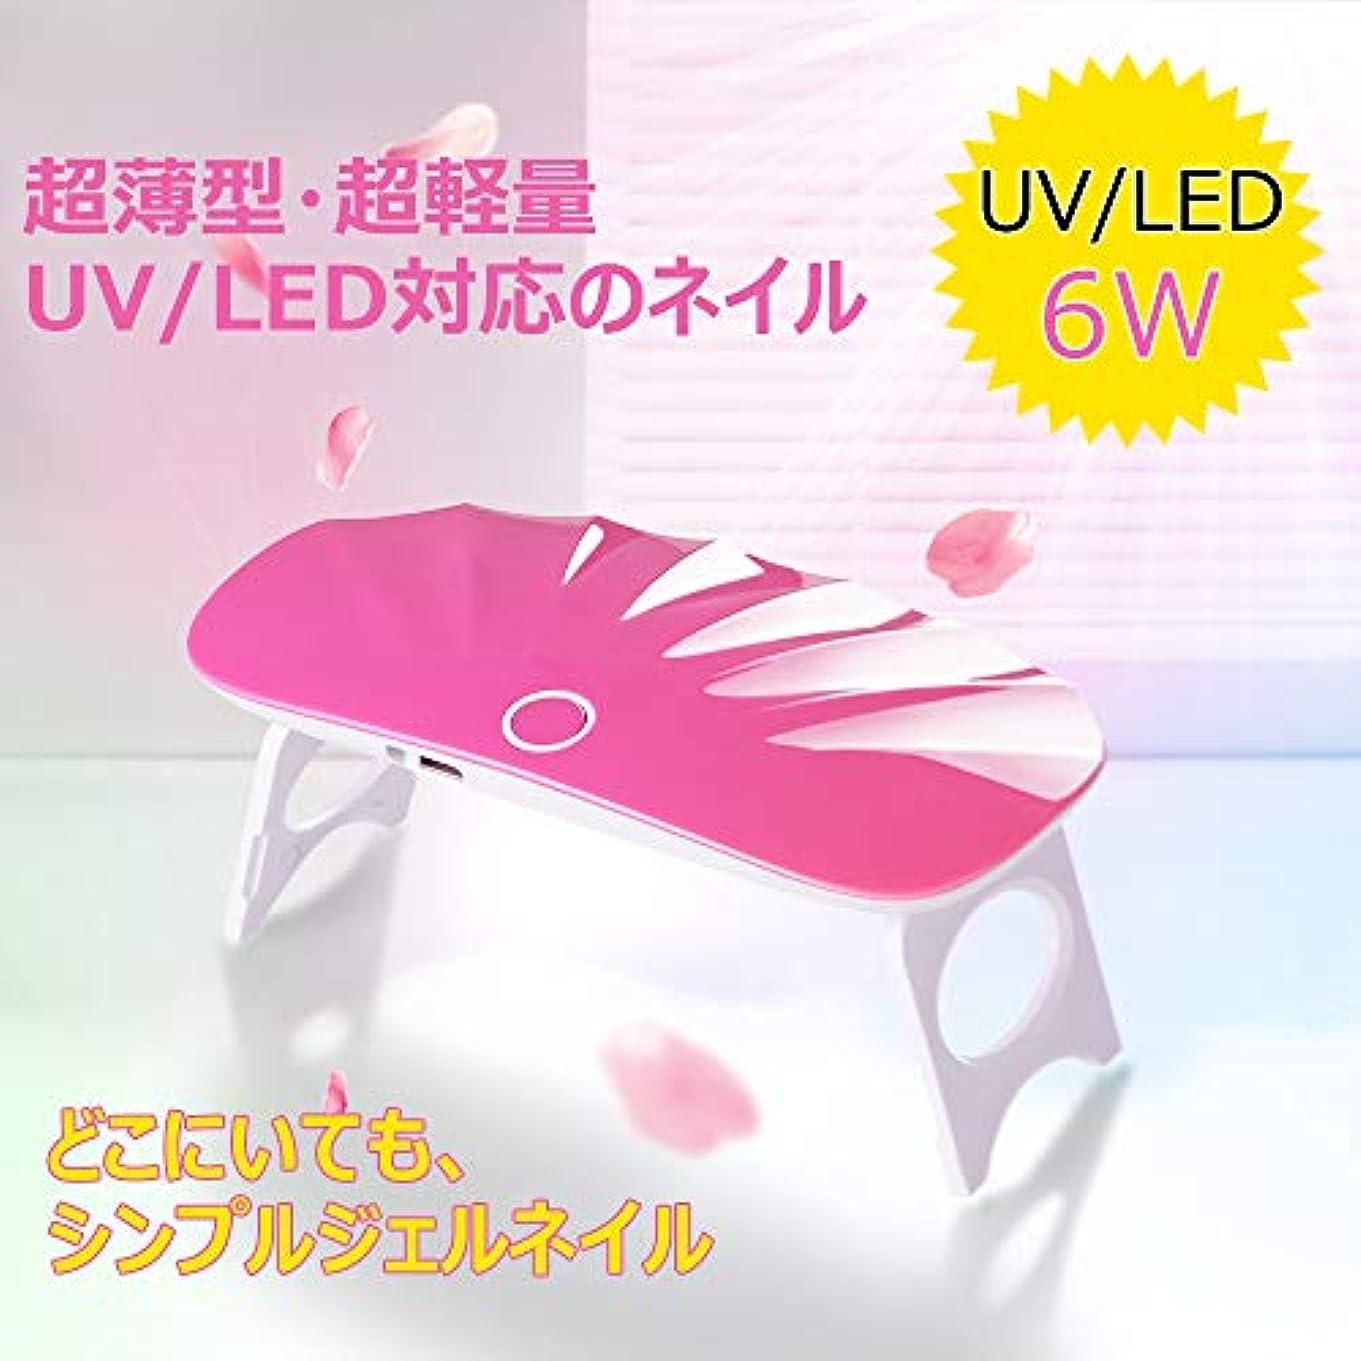 サイトラインにんじん証言するコンパクト/シンプル LED6Wネイルライト LEDジェル?UVジェル?UVレジンにも対応 マーメイドシェルライト (ピンク)